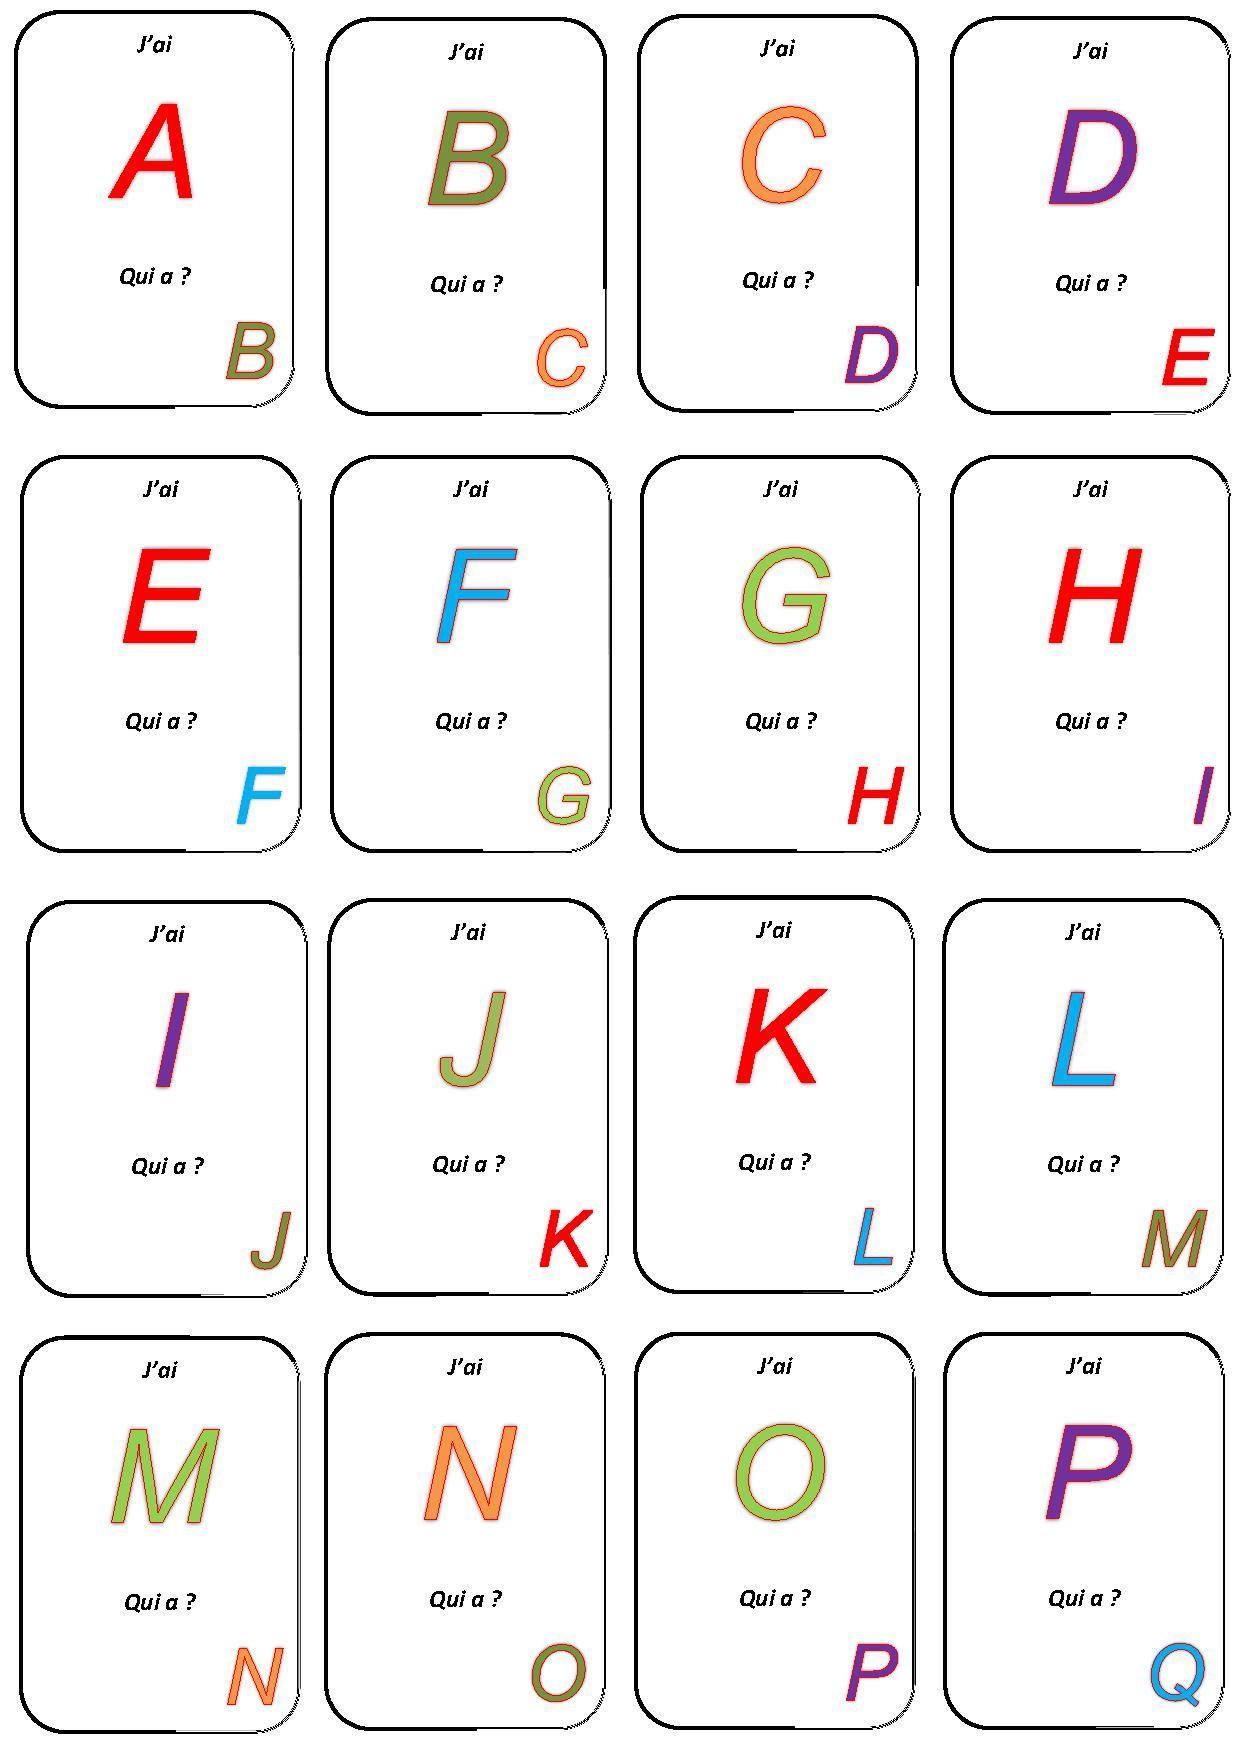 Jeu j 39 ai qui a ecole fran ais lecture - Alphabet francais maternelle ...